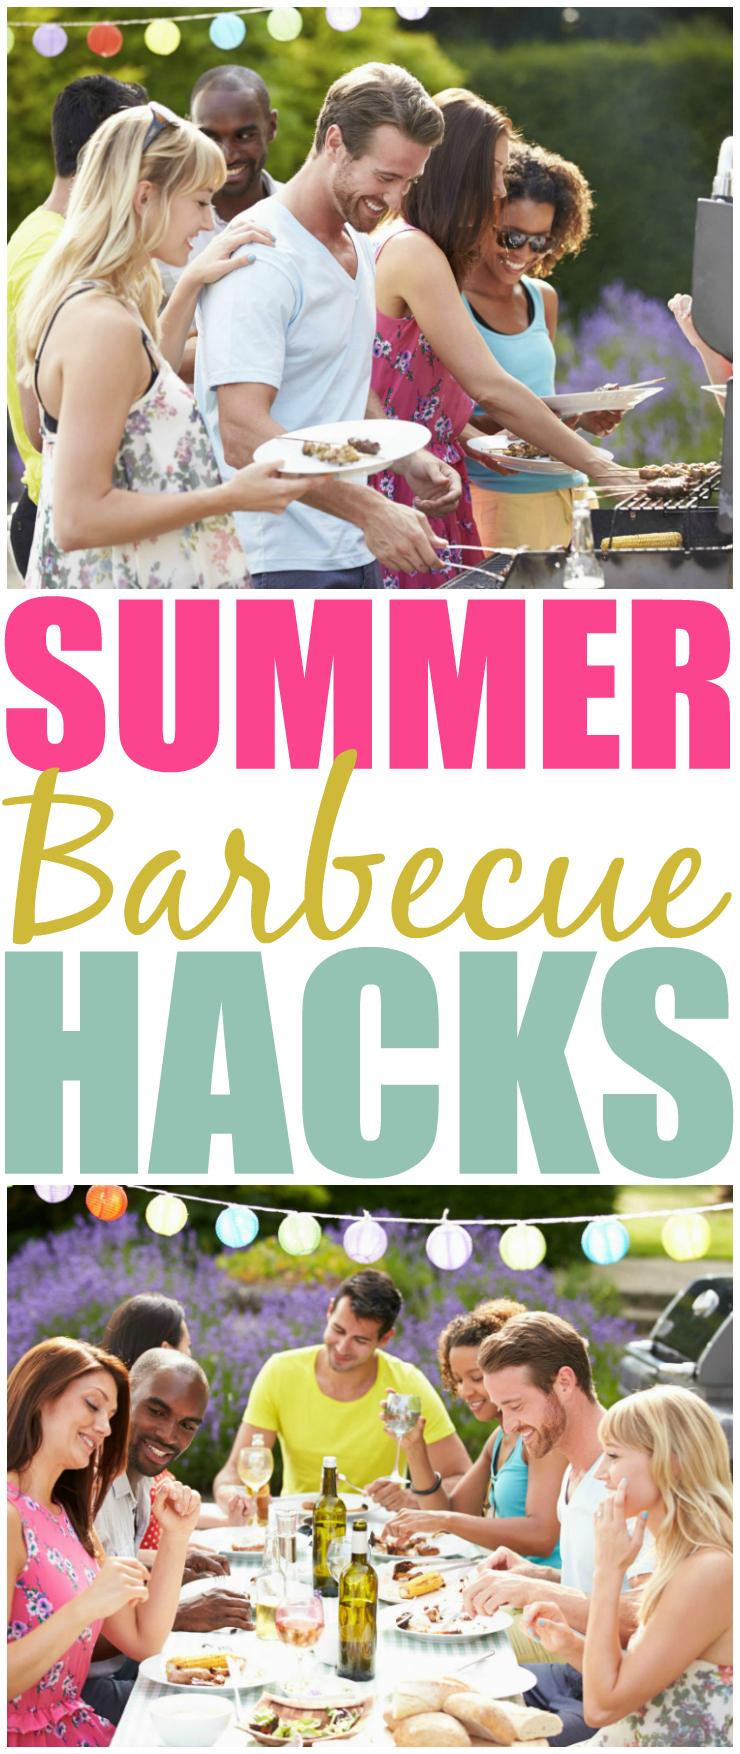 Summer BBQ Hacks